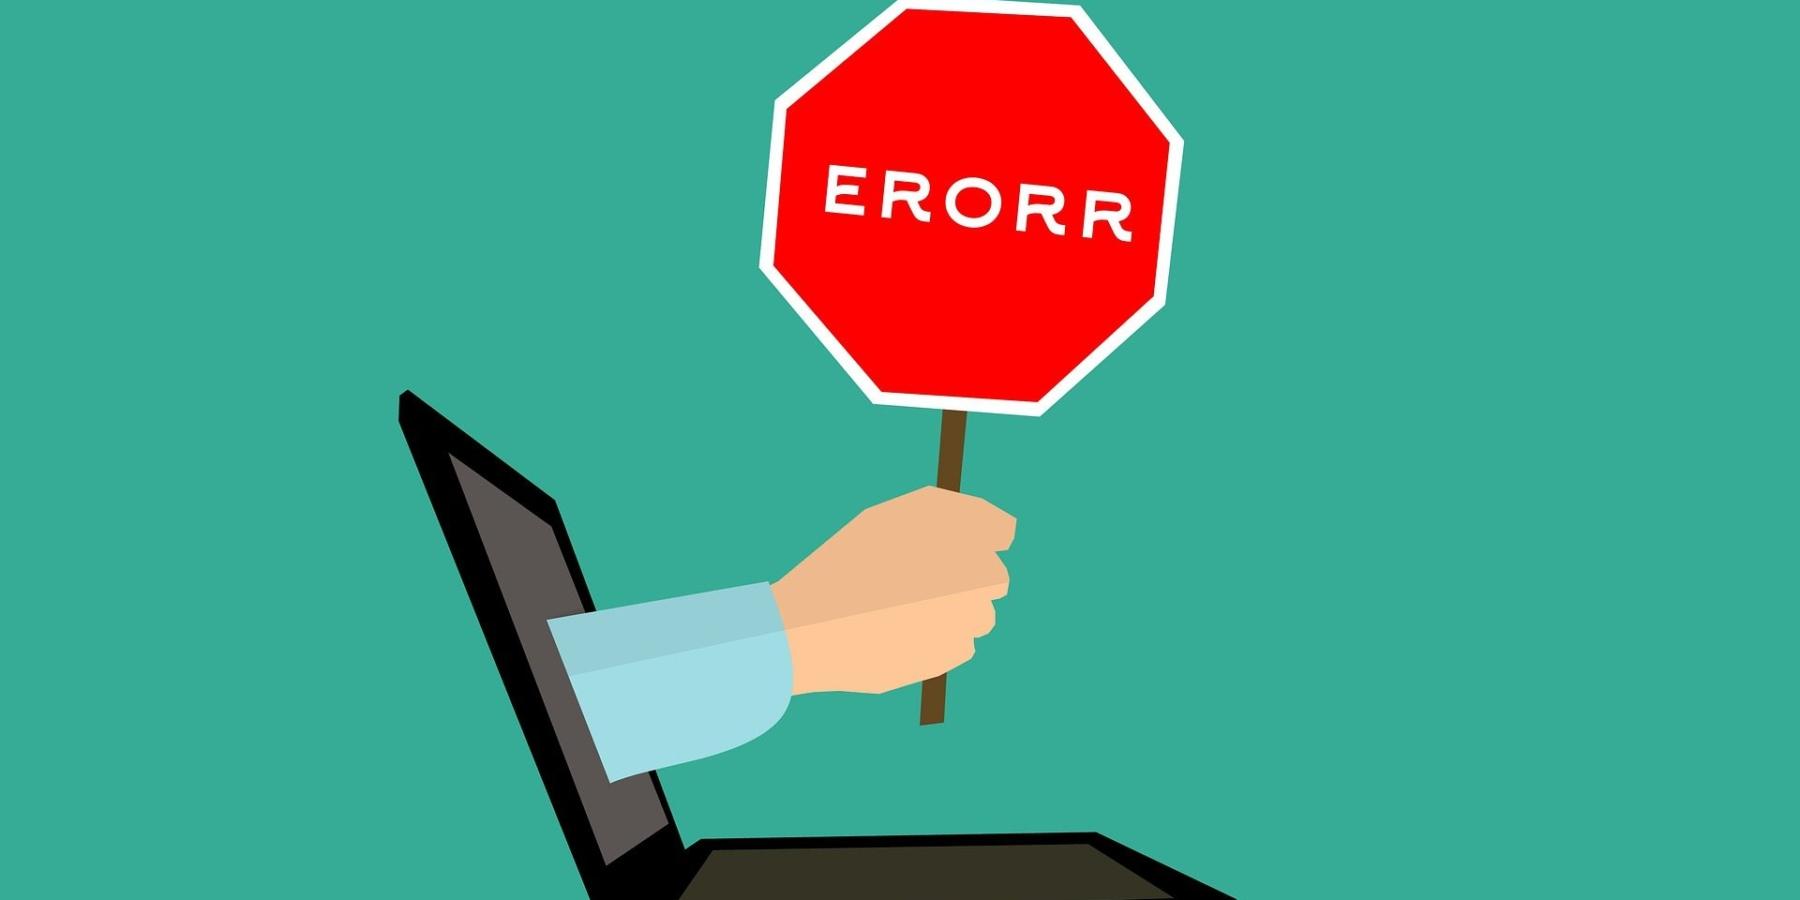 Najczęściej popełniane błędy podczas tworzenia pop-upów